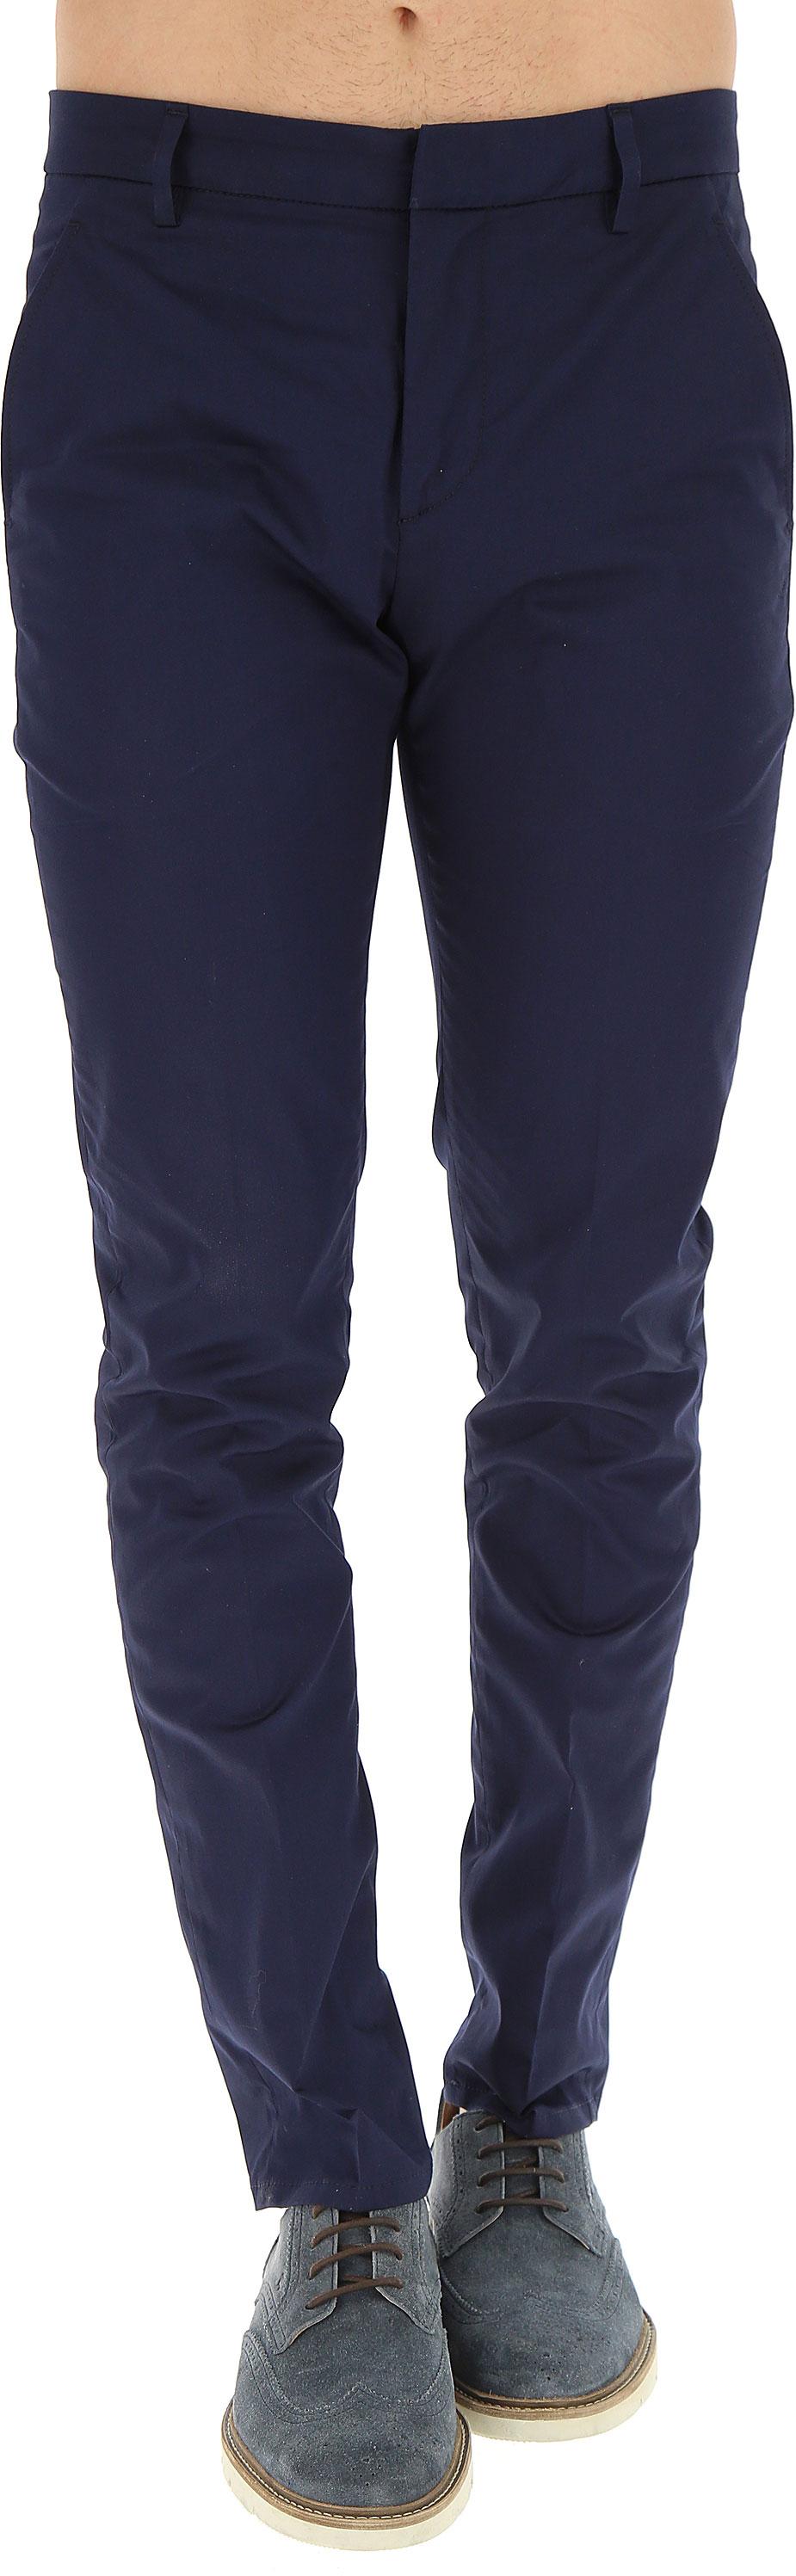 Dondup Codice Up235-gs030u-xxx Abbigliamento Uomo Articolo